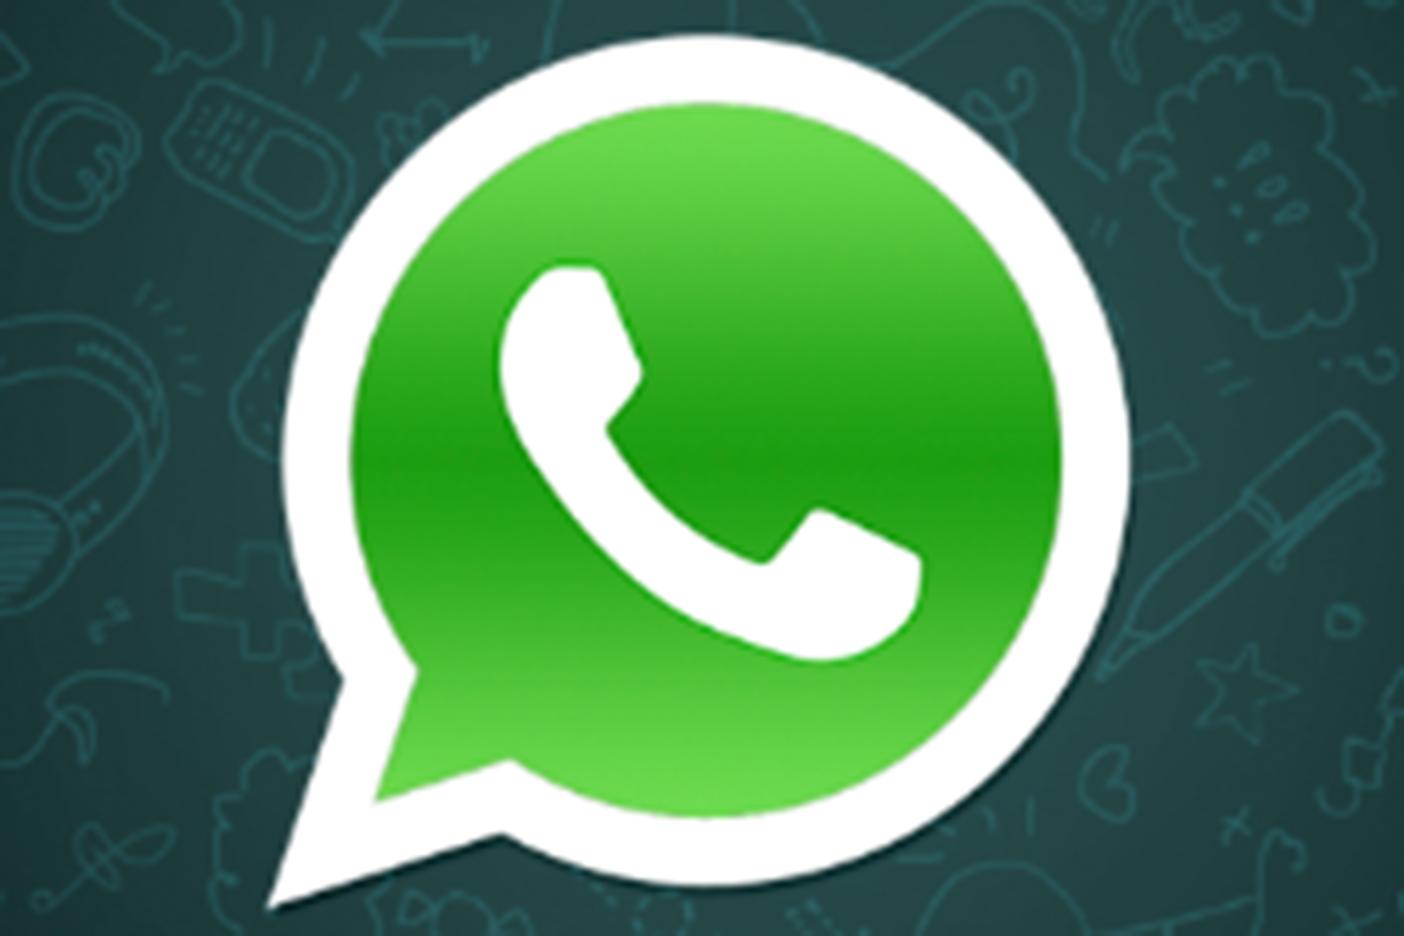 Regresa 'WhatsApp' después de reportes de fallas en el servicio